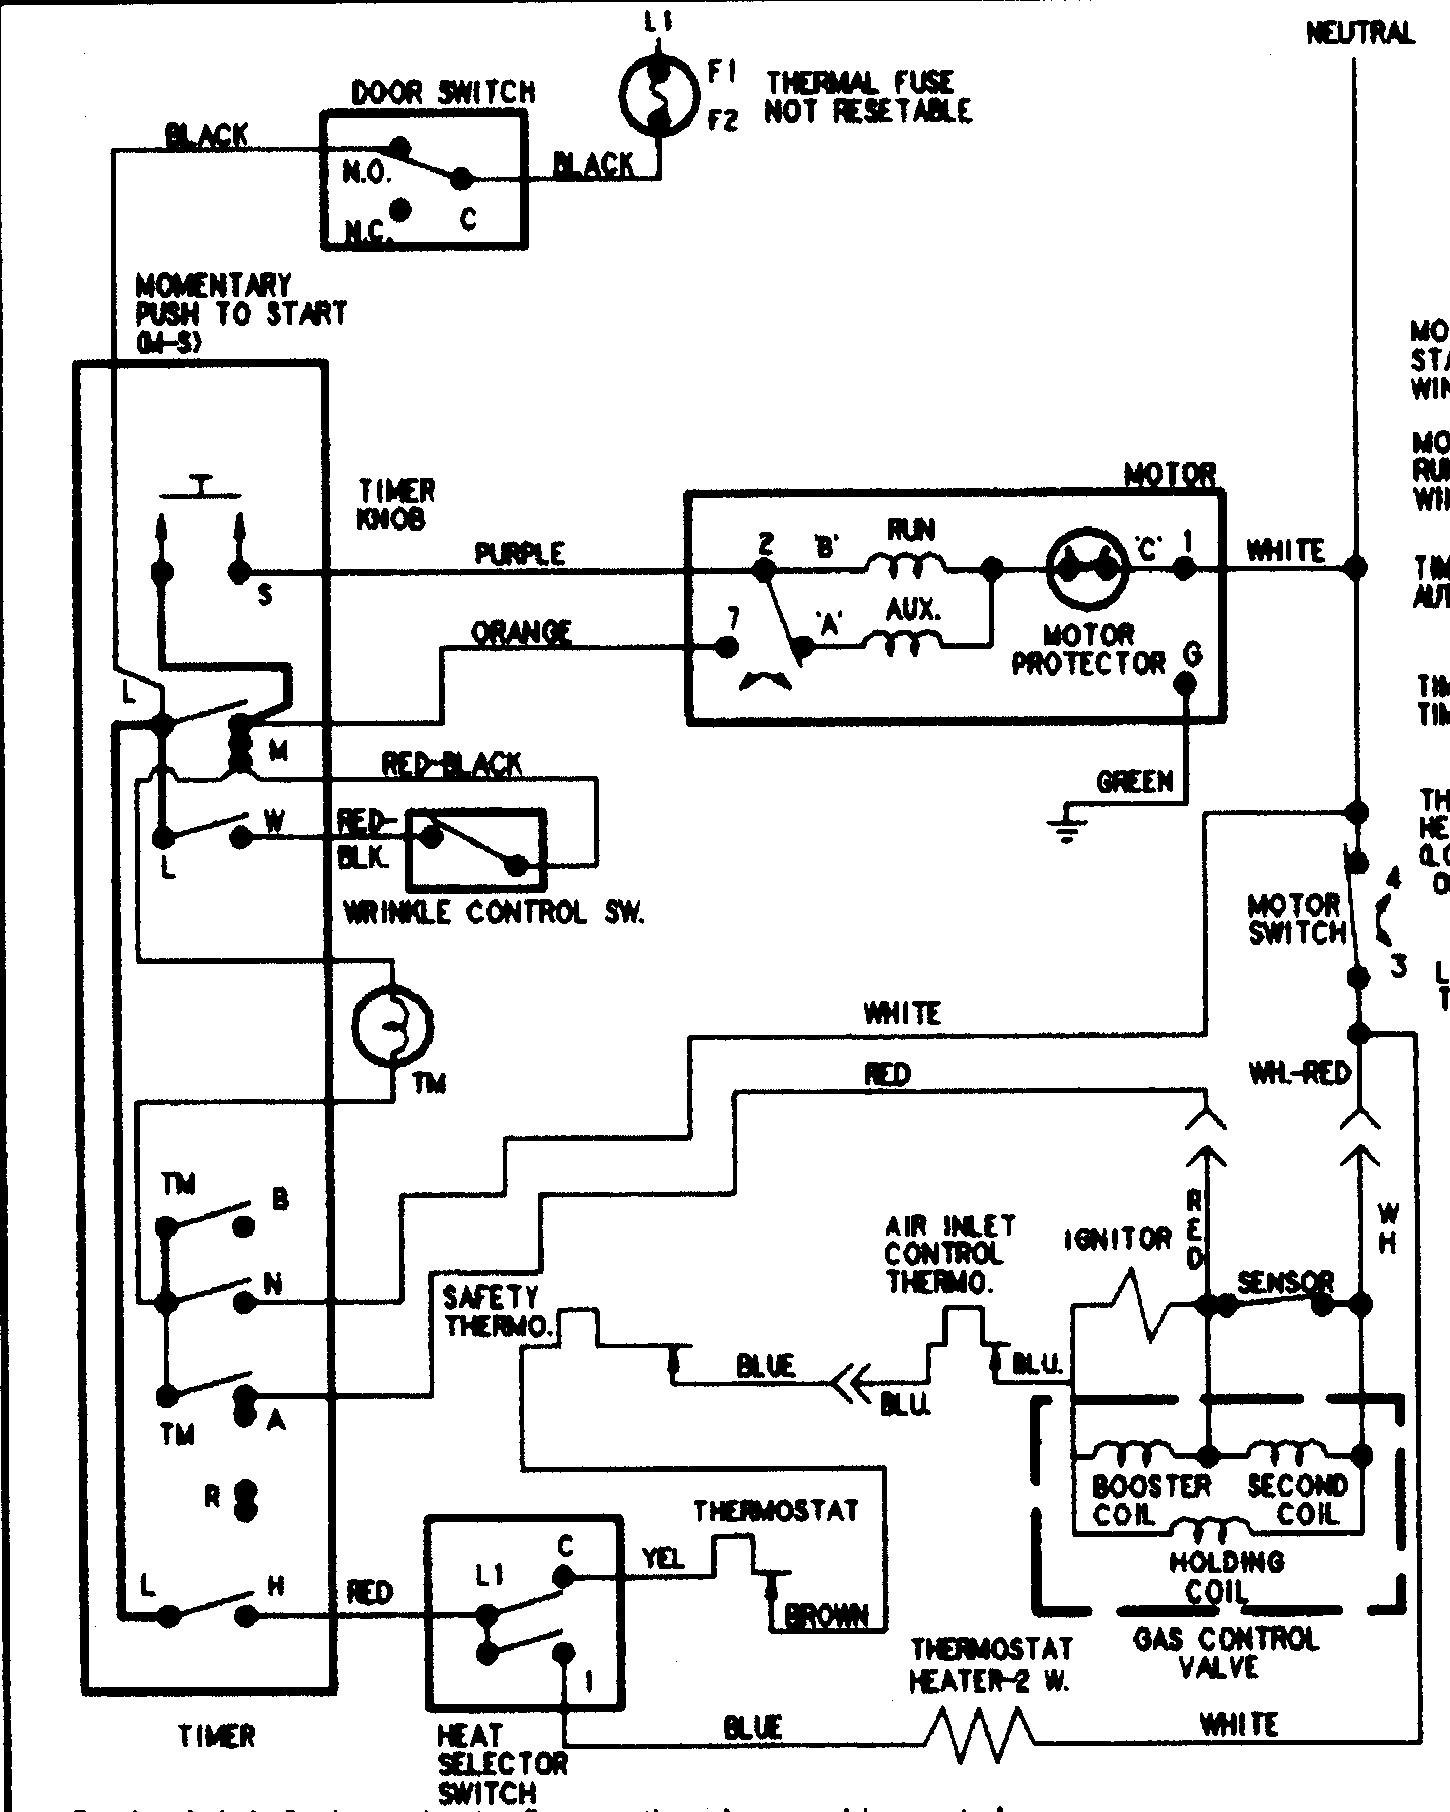 Amana Dryer Wiring Schematic